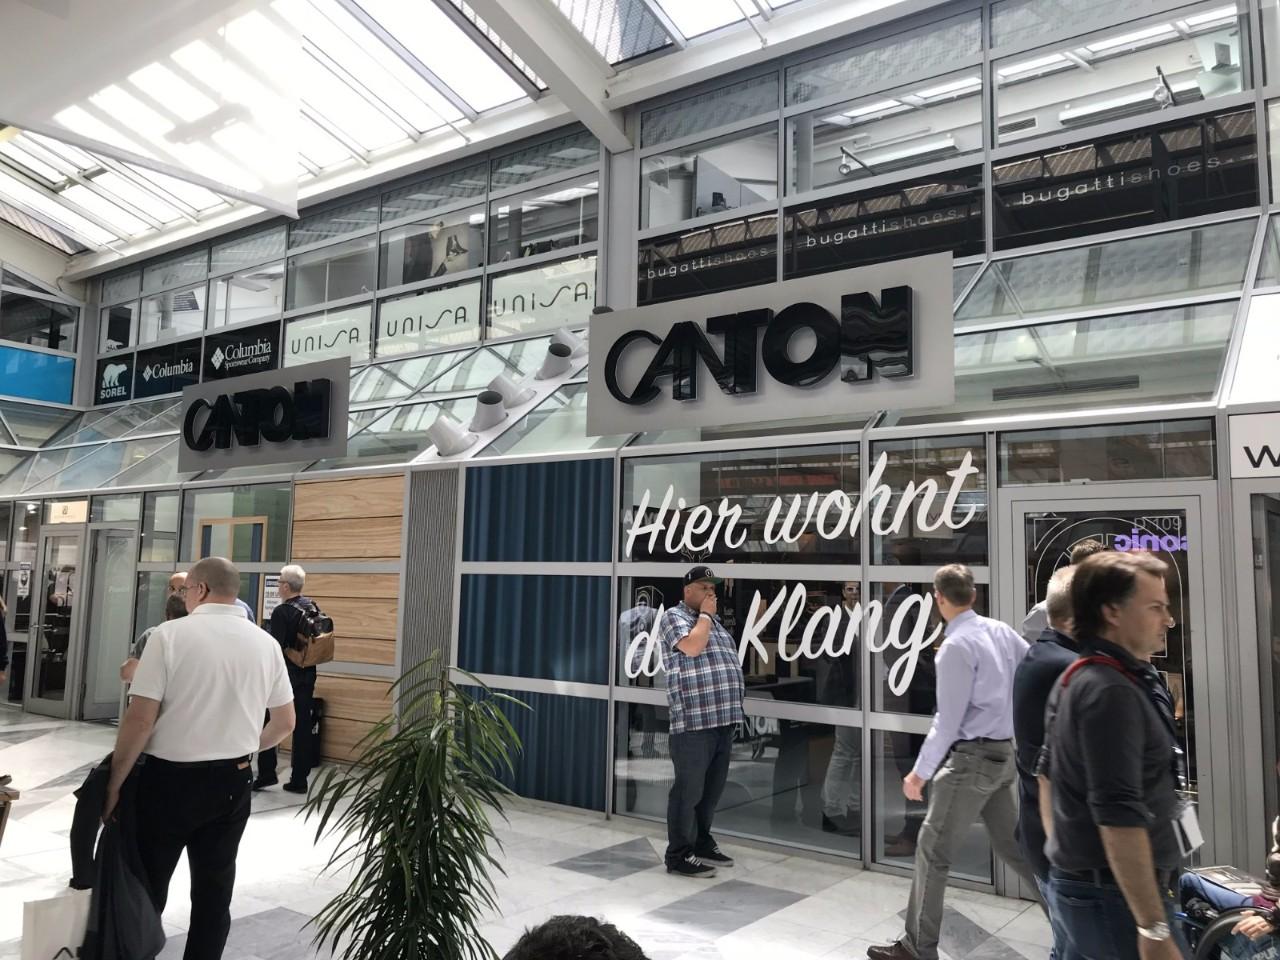 回顾丨神秘新品揭晓!德国CANTON亮相慕尼黑HIGH END音响展